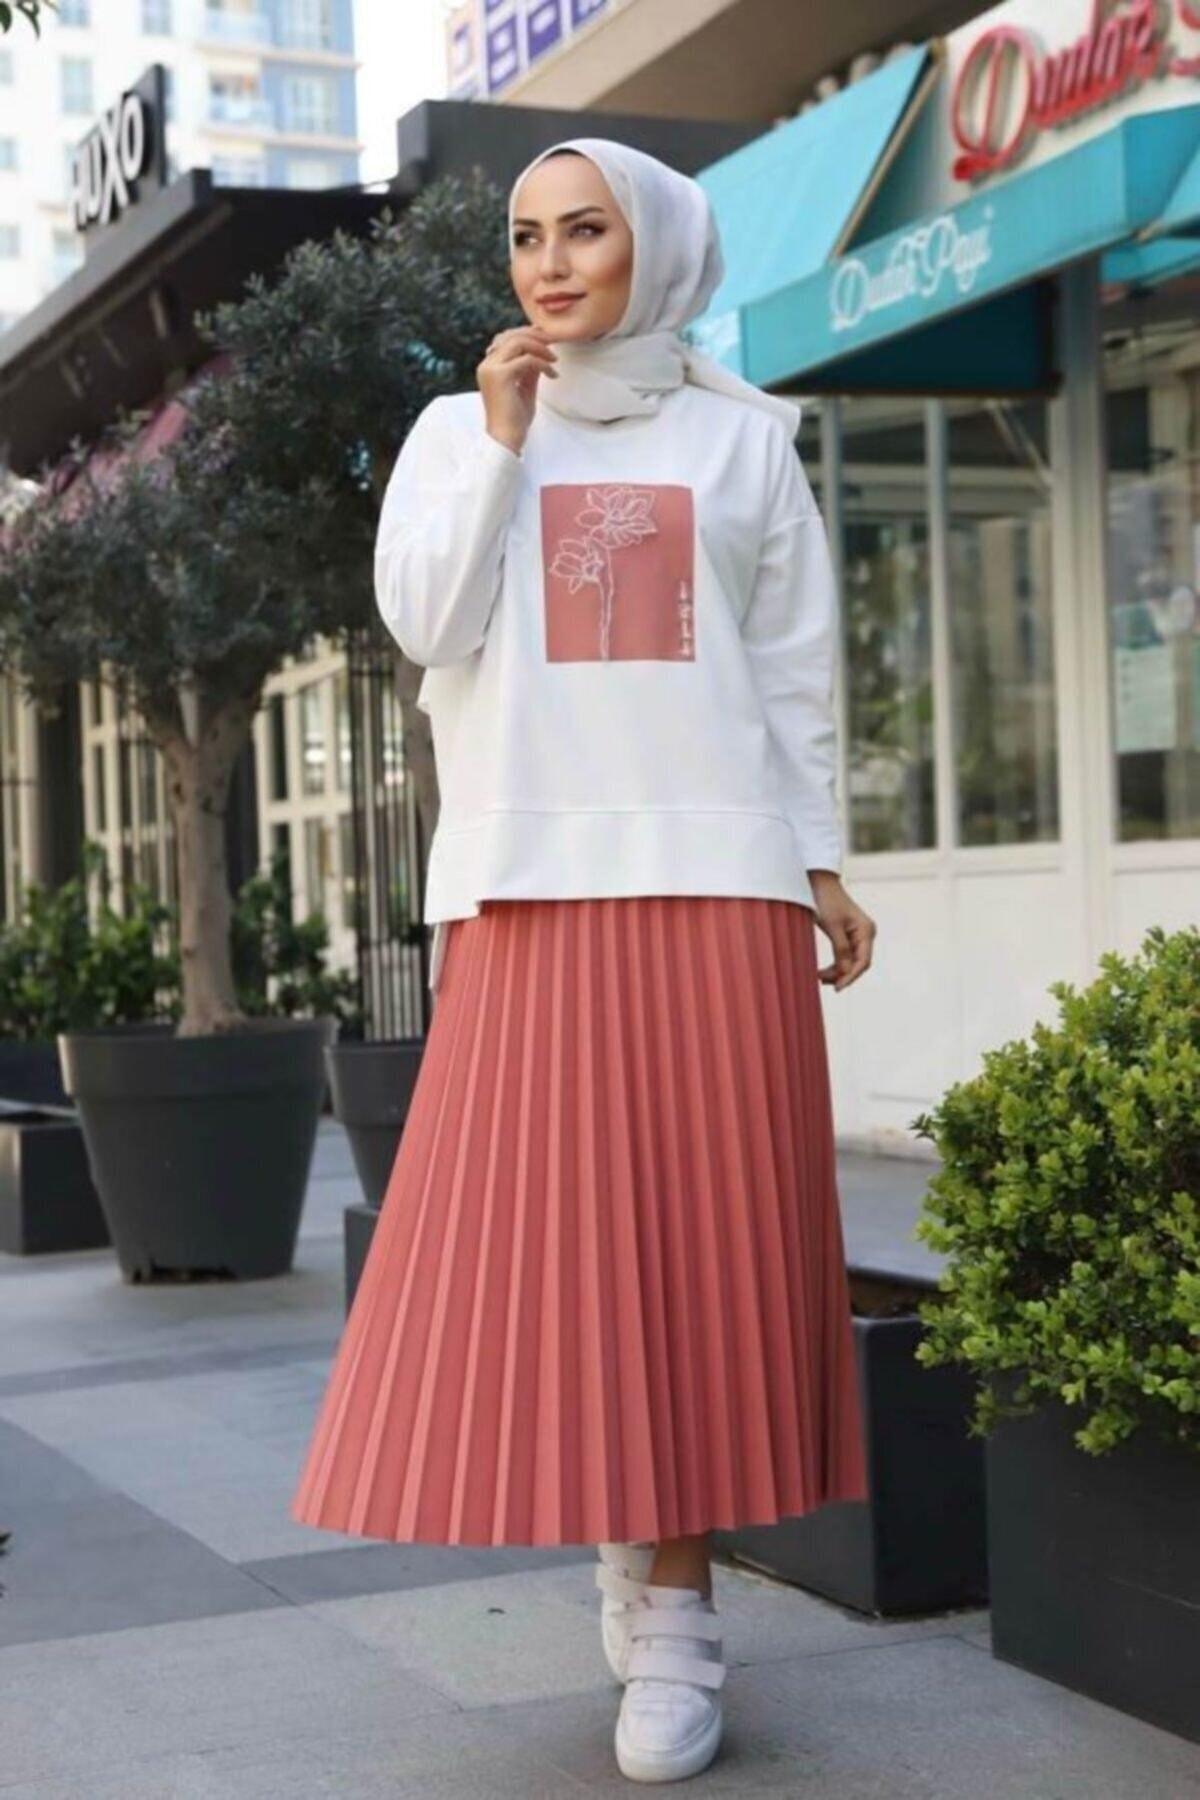 Женский порошковый пилисели, обтягивающий костюм, женская одежда, одежда, женская одежда